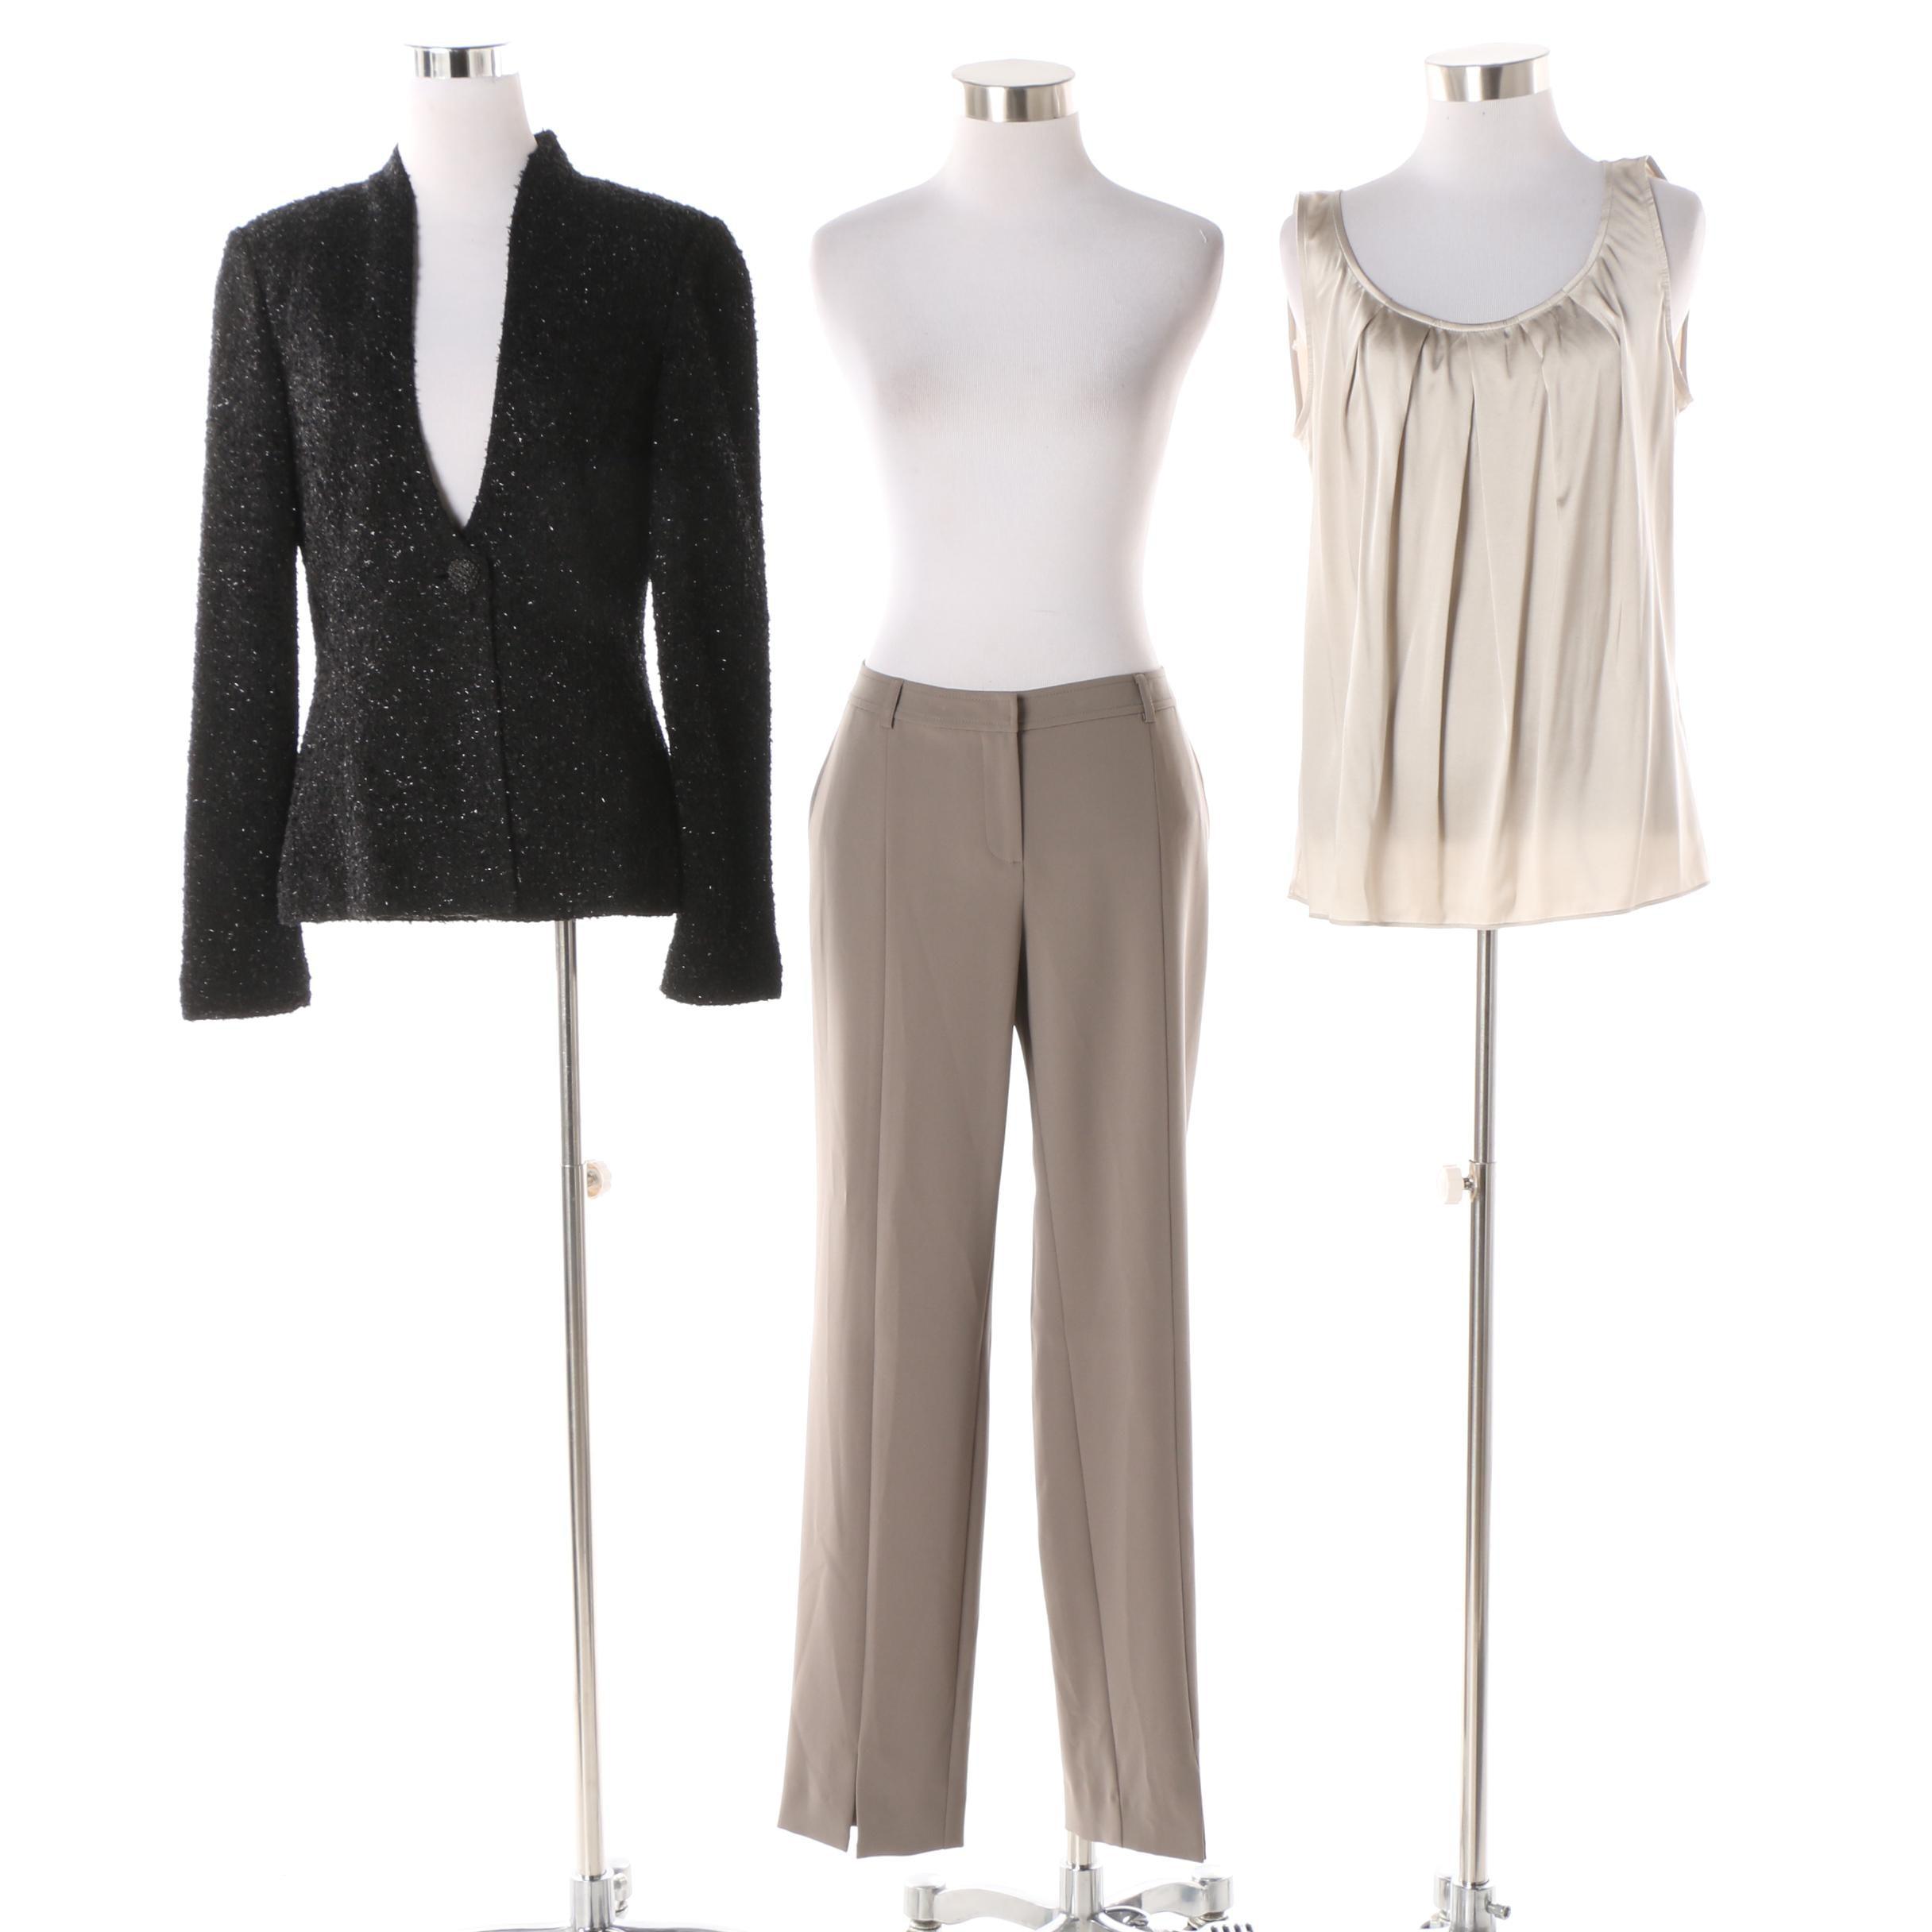 Women's St. John Clothing Separates